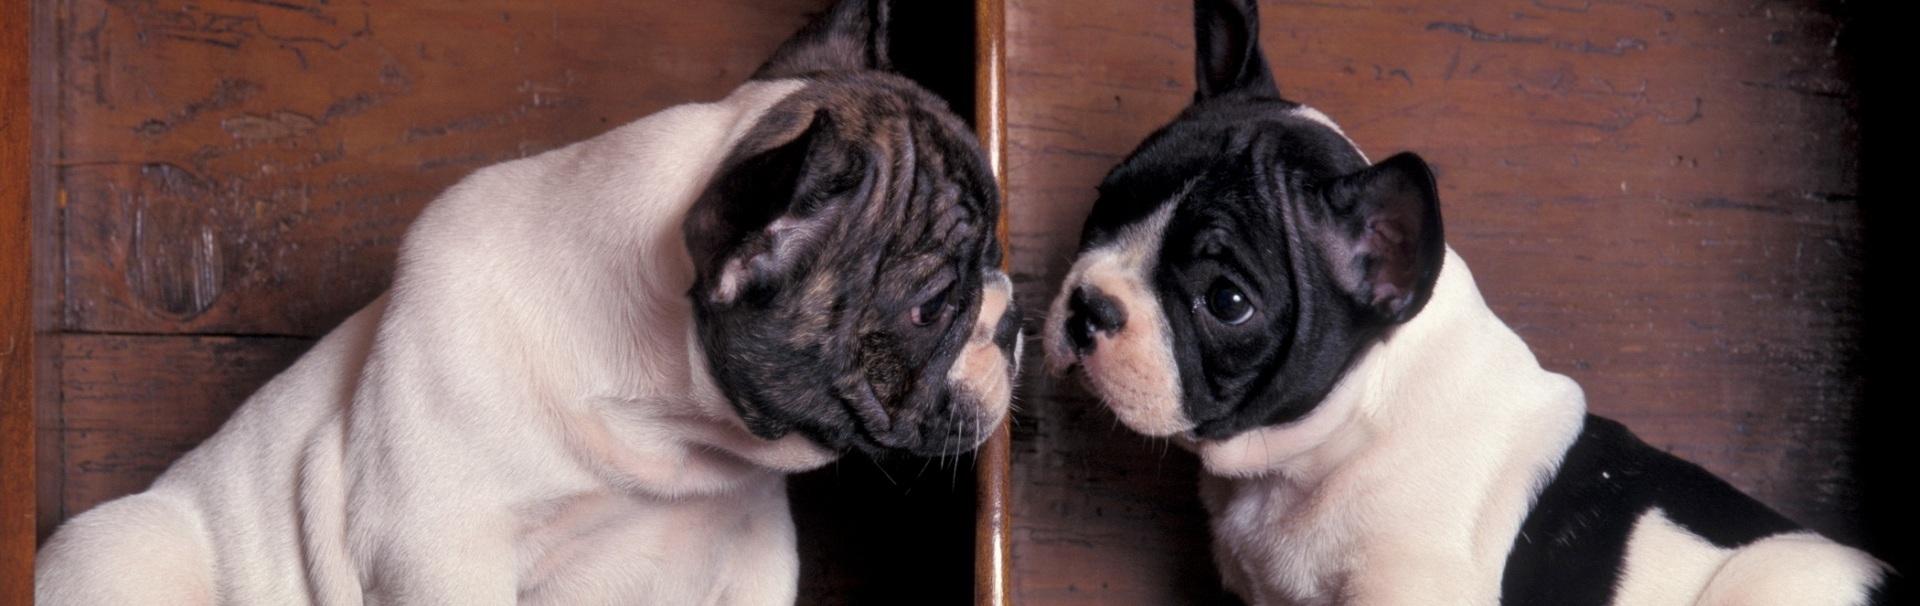 Cele mai bune rase de câine pentru stăpâni prea ocupați